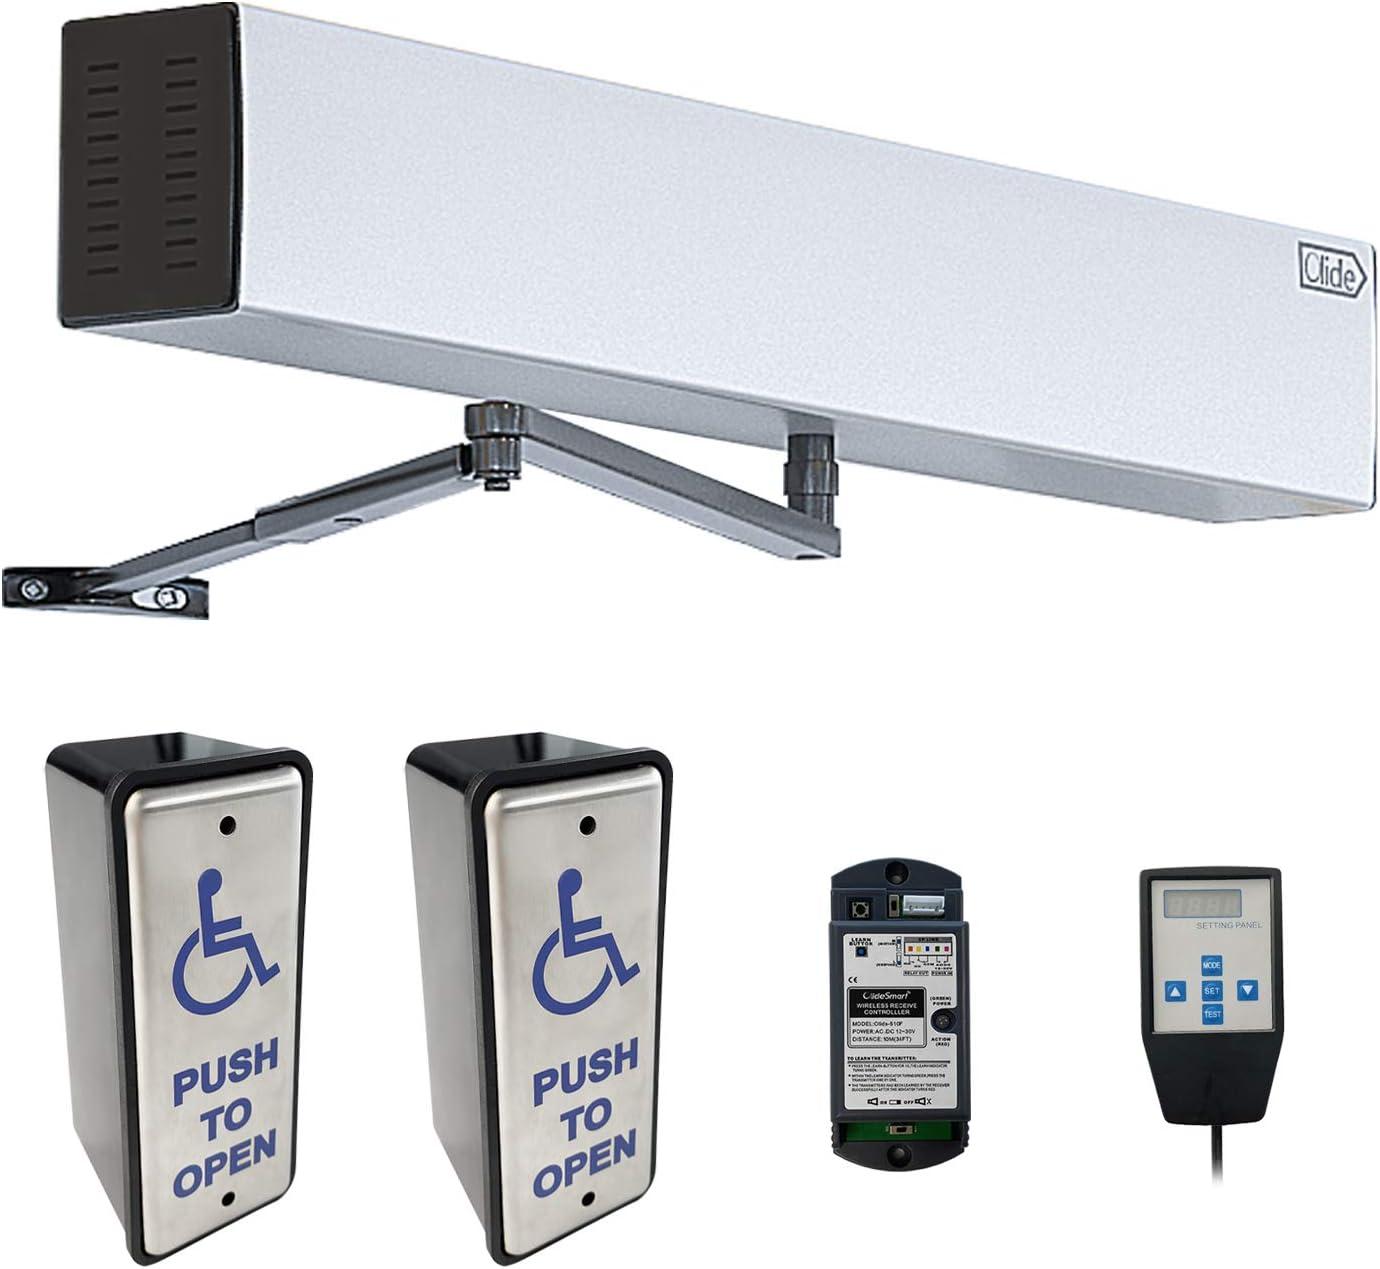 Olideauto Home Electric Door Opener Wireless Handicap Door with Wireless Narrow Handicap Push Buttons Olide-511 and Receiver